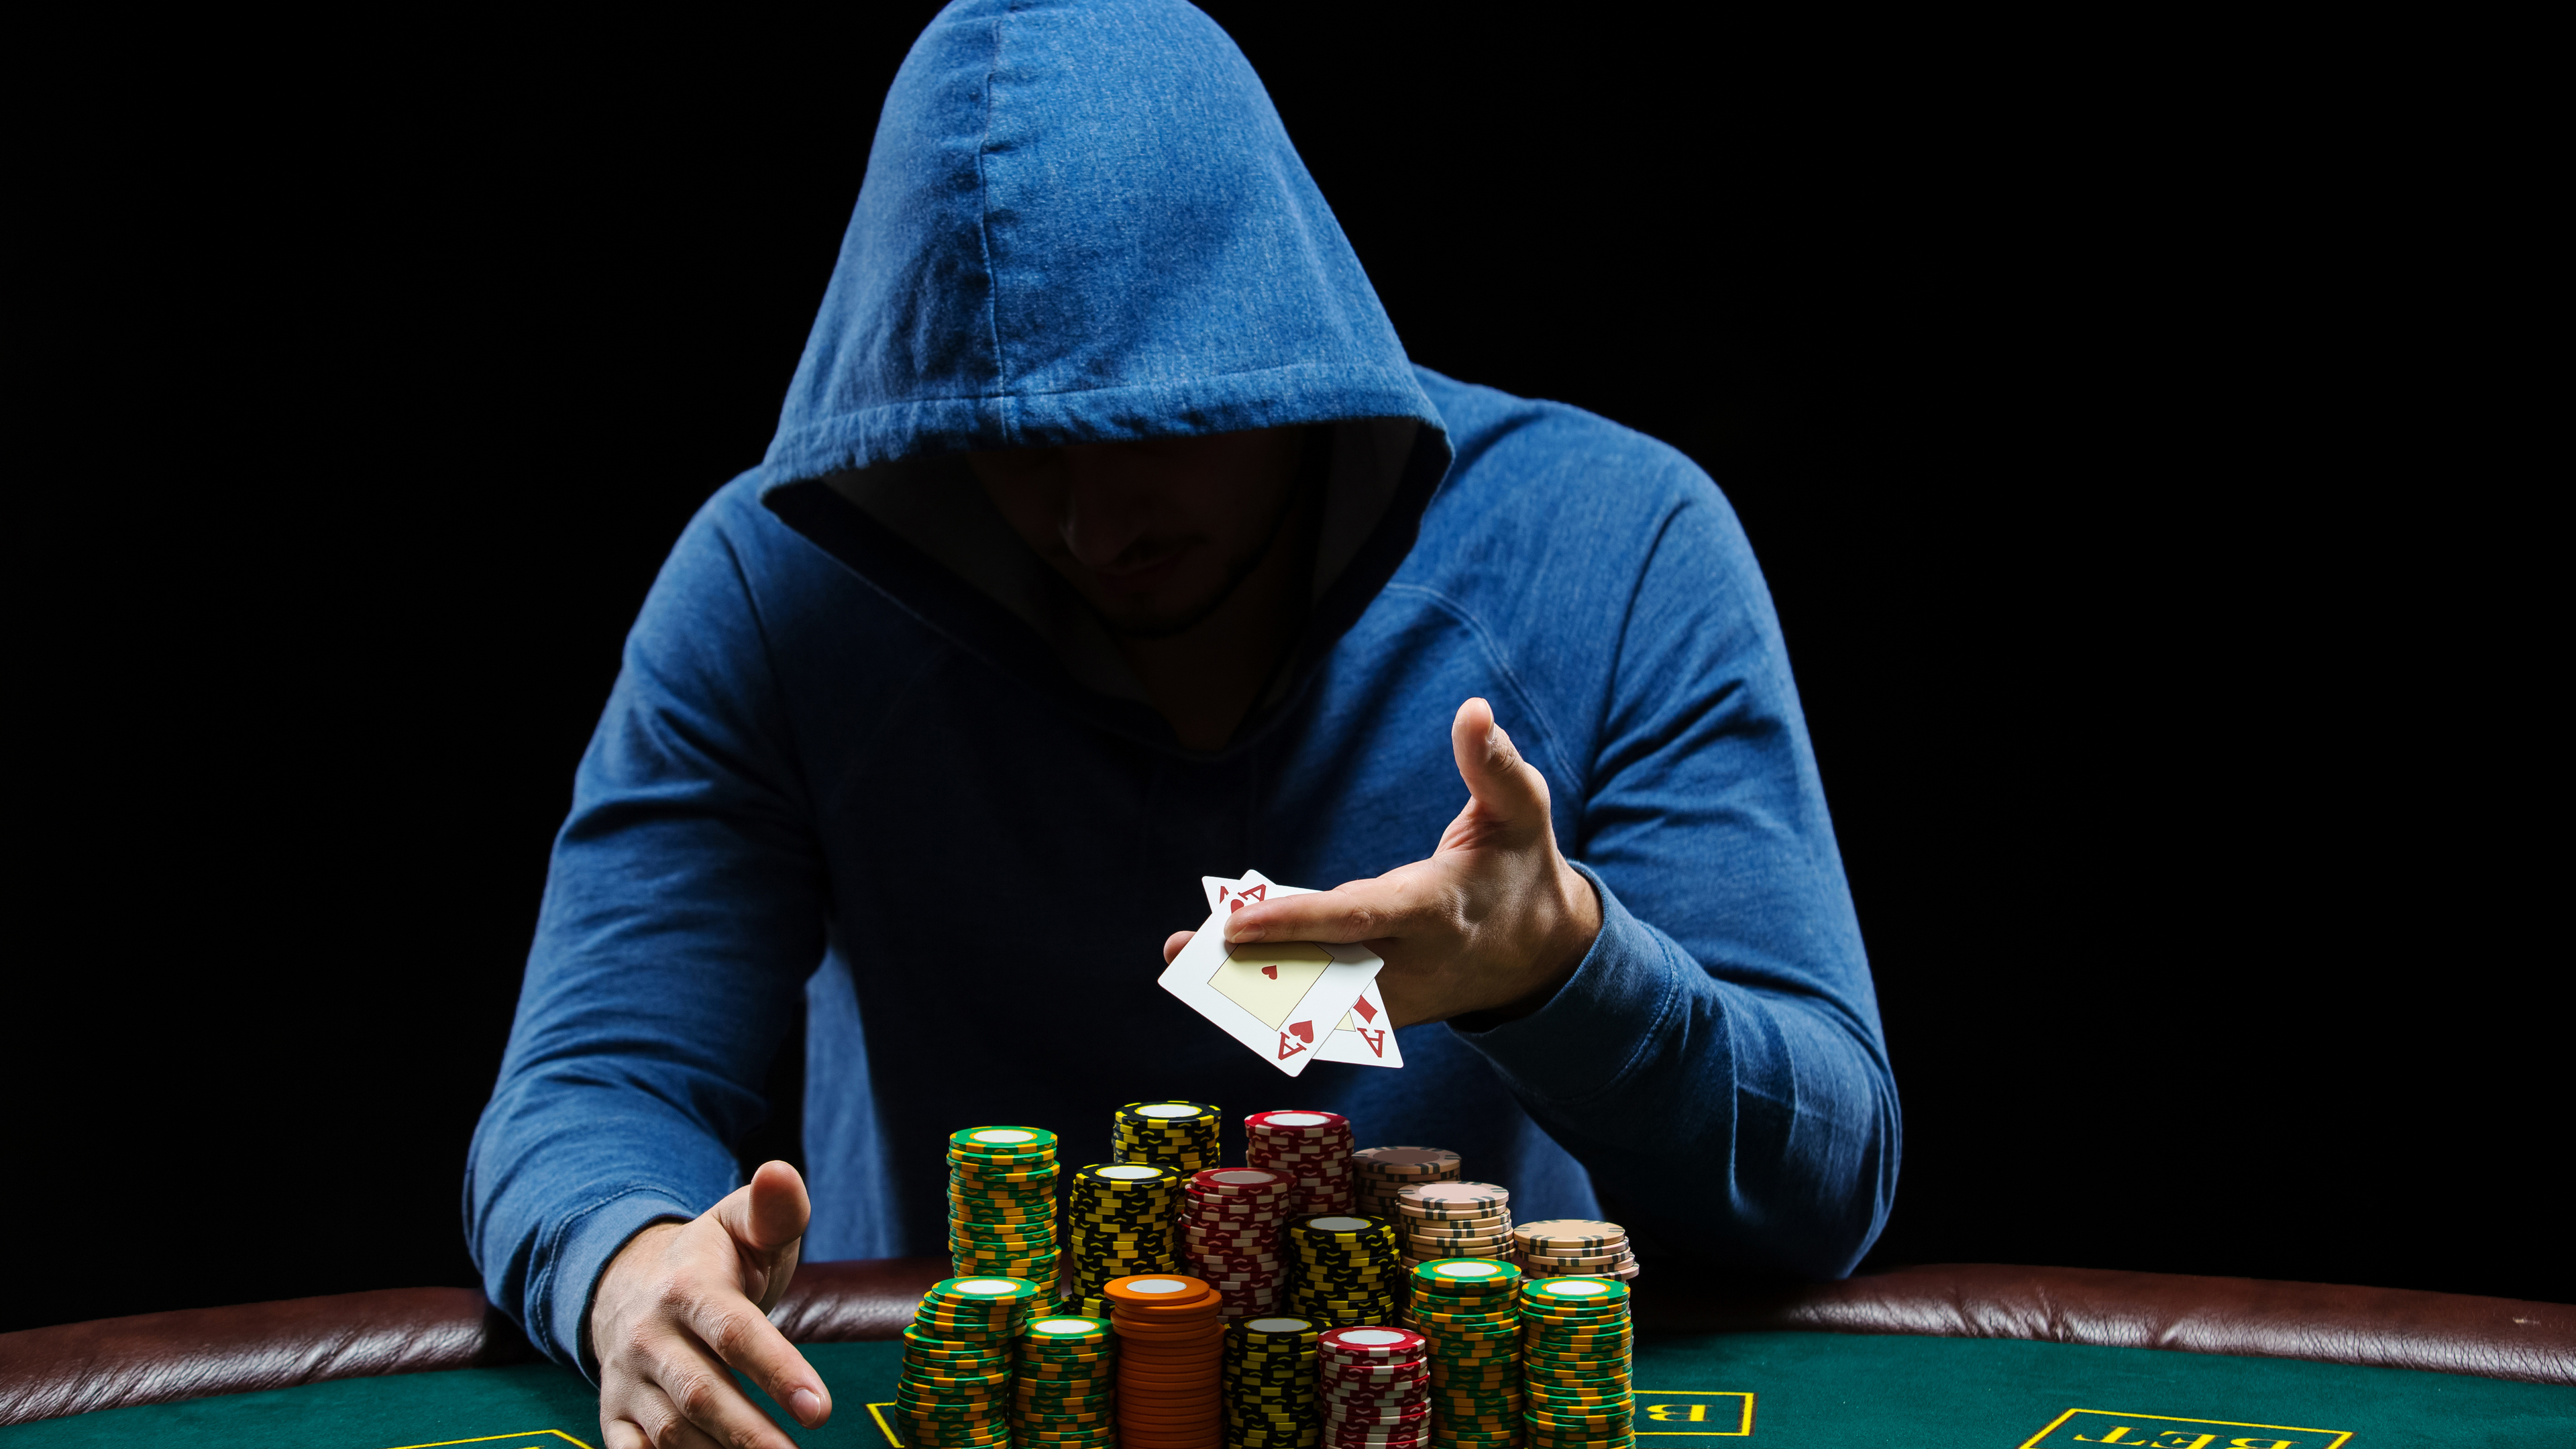 poker player 4k 1544287236 - Poker Player 4k - poker wallpapers, hd-wallpapers, games wallpapers, 5k wallpapers, 4k-wallpapers